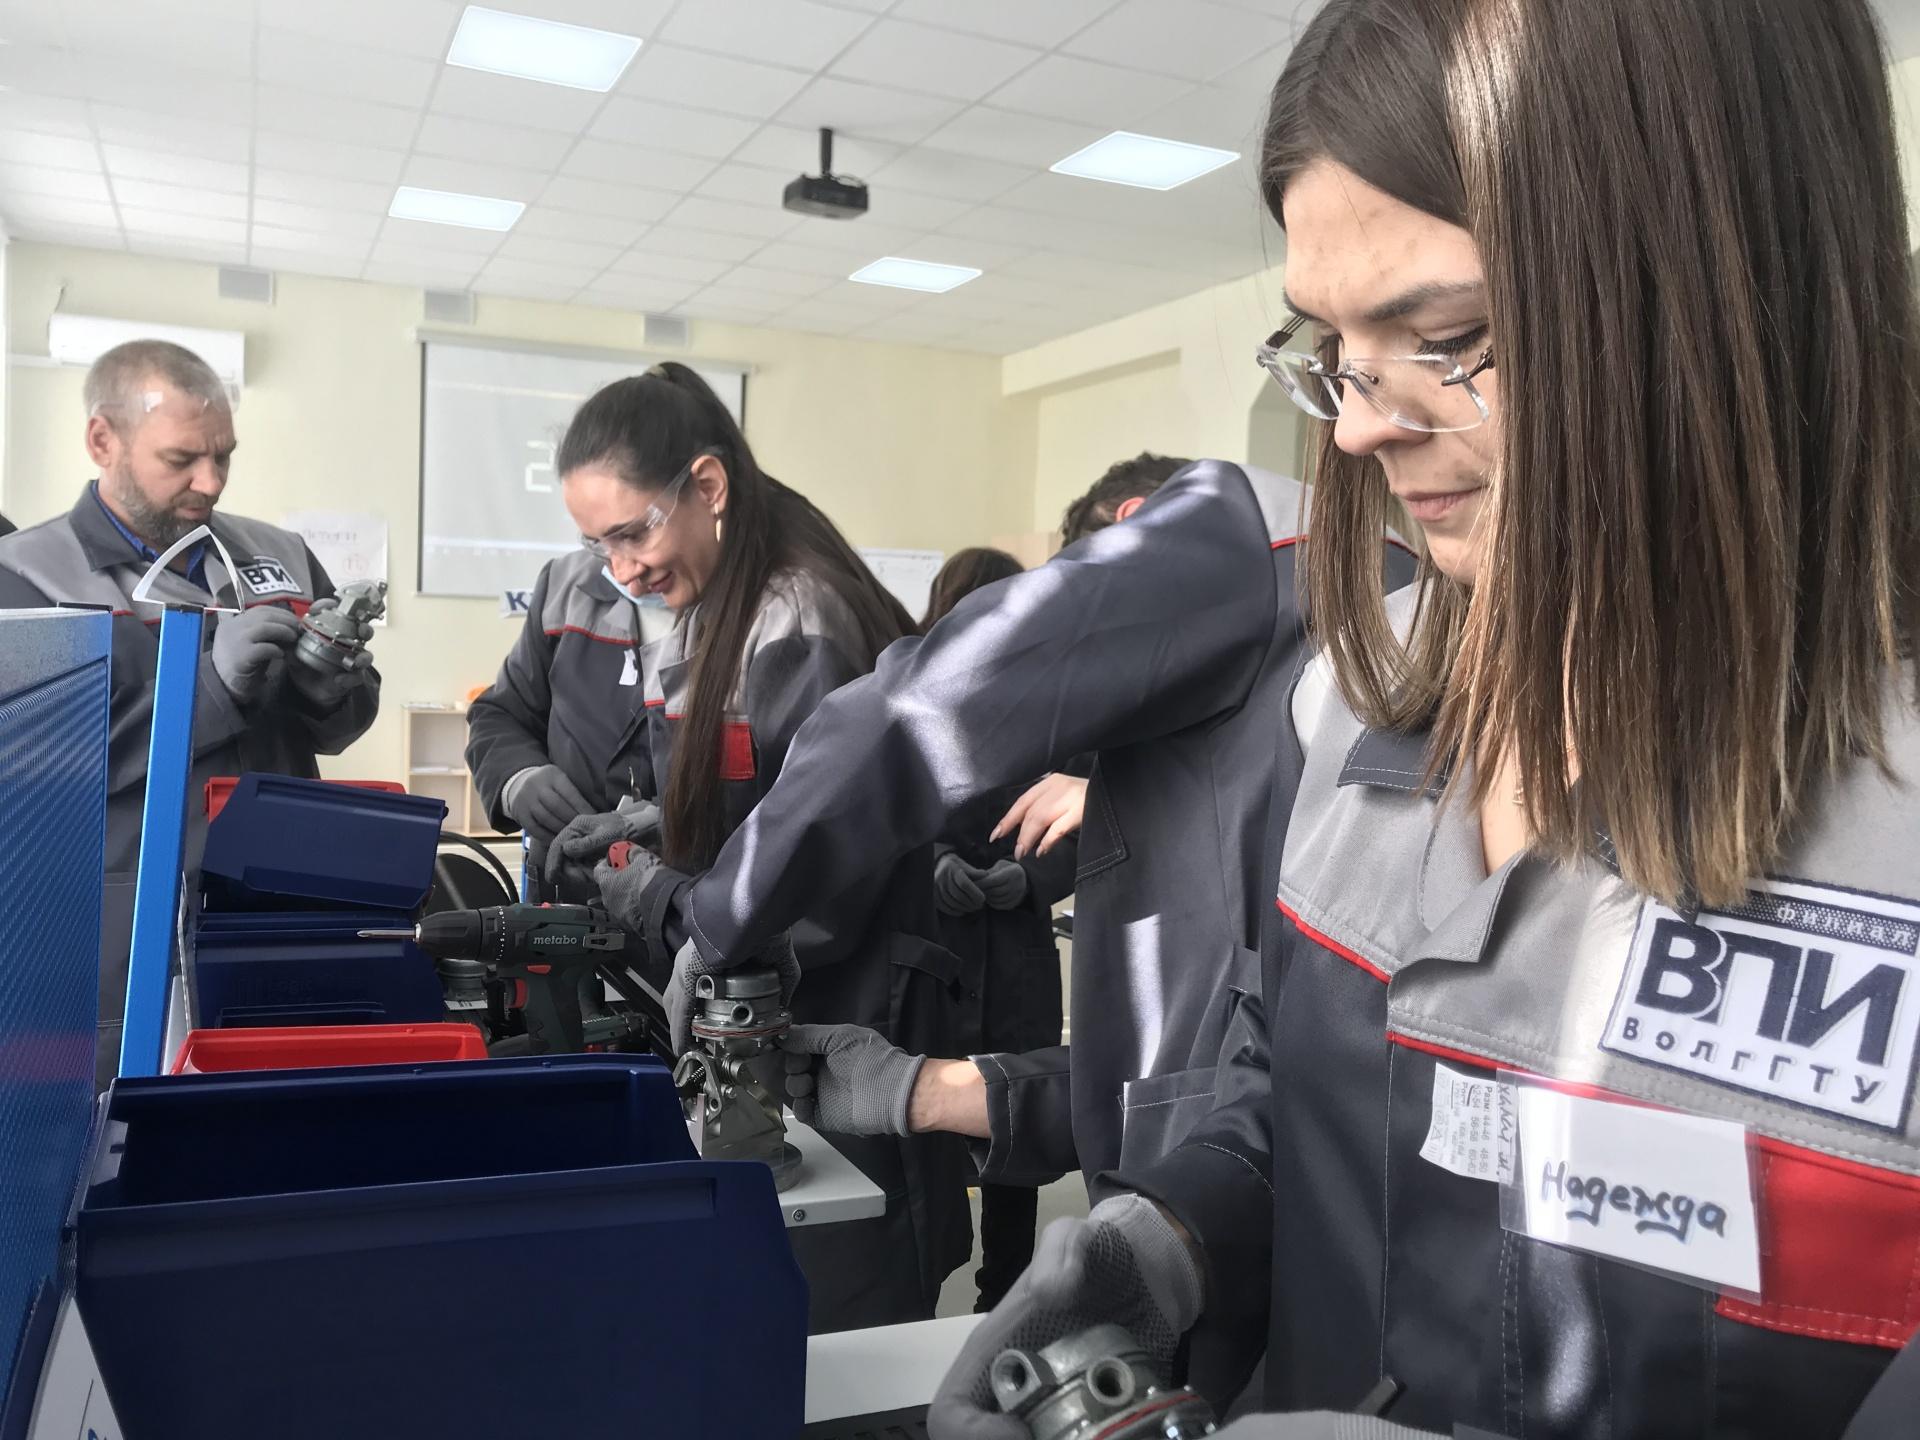 Открыт прием заявок на участие в первом Кубке рационализаторов в рамках нацпроекта «Производительность труда»